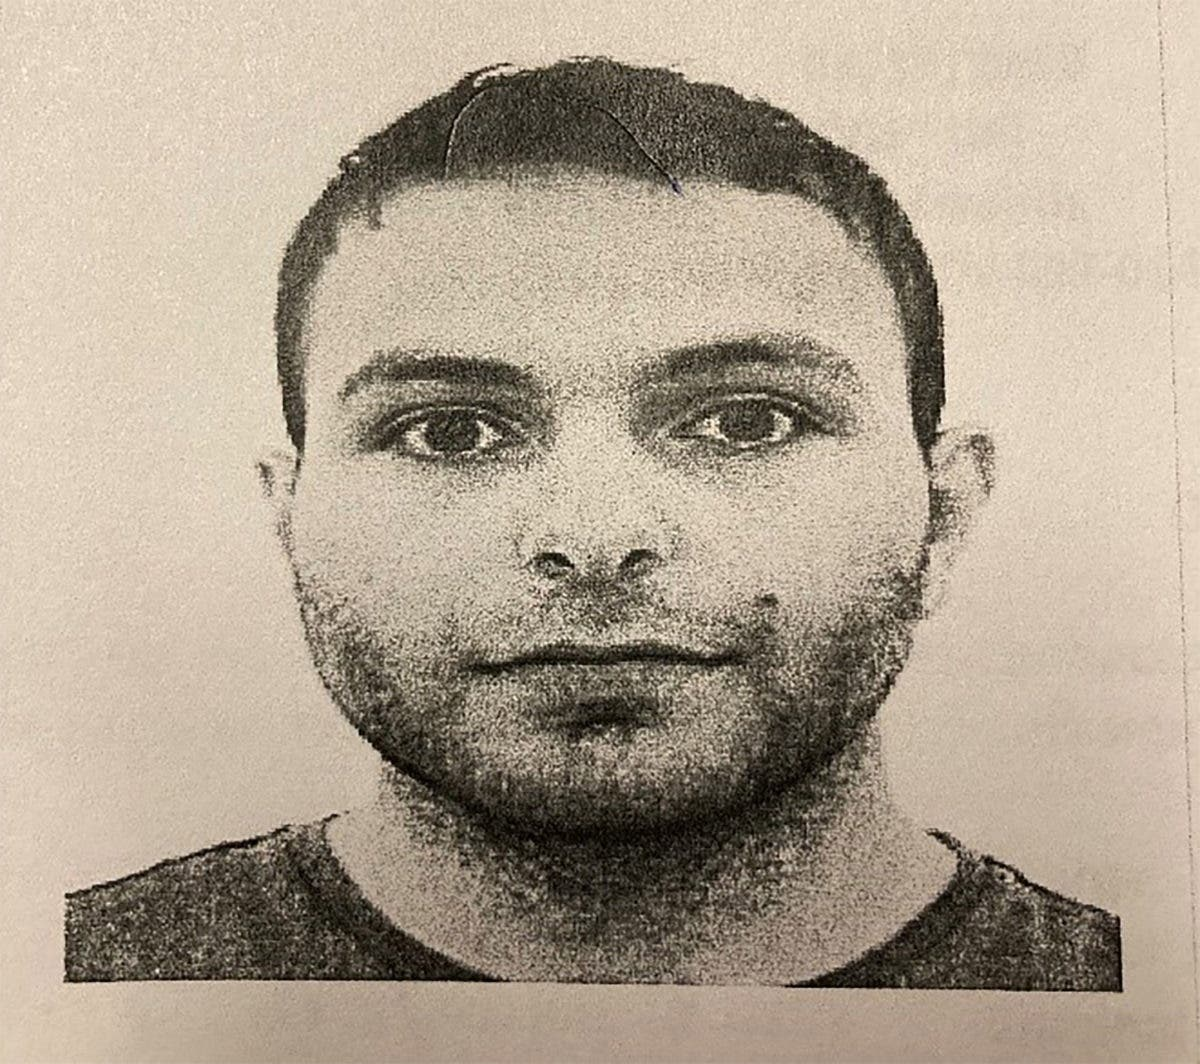 Identifican al autor del tiroteo que dejó 10 muertos en Colorado